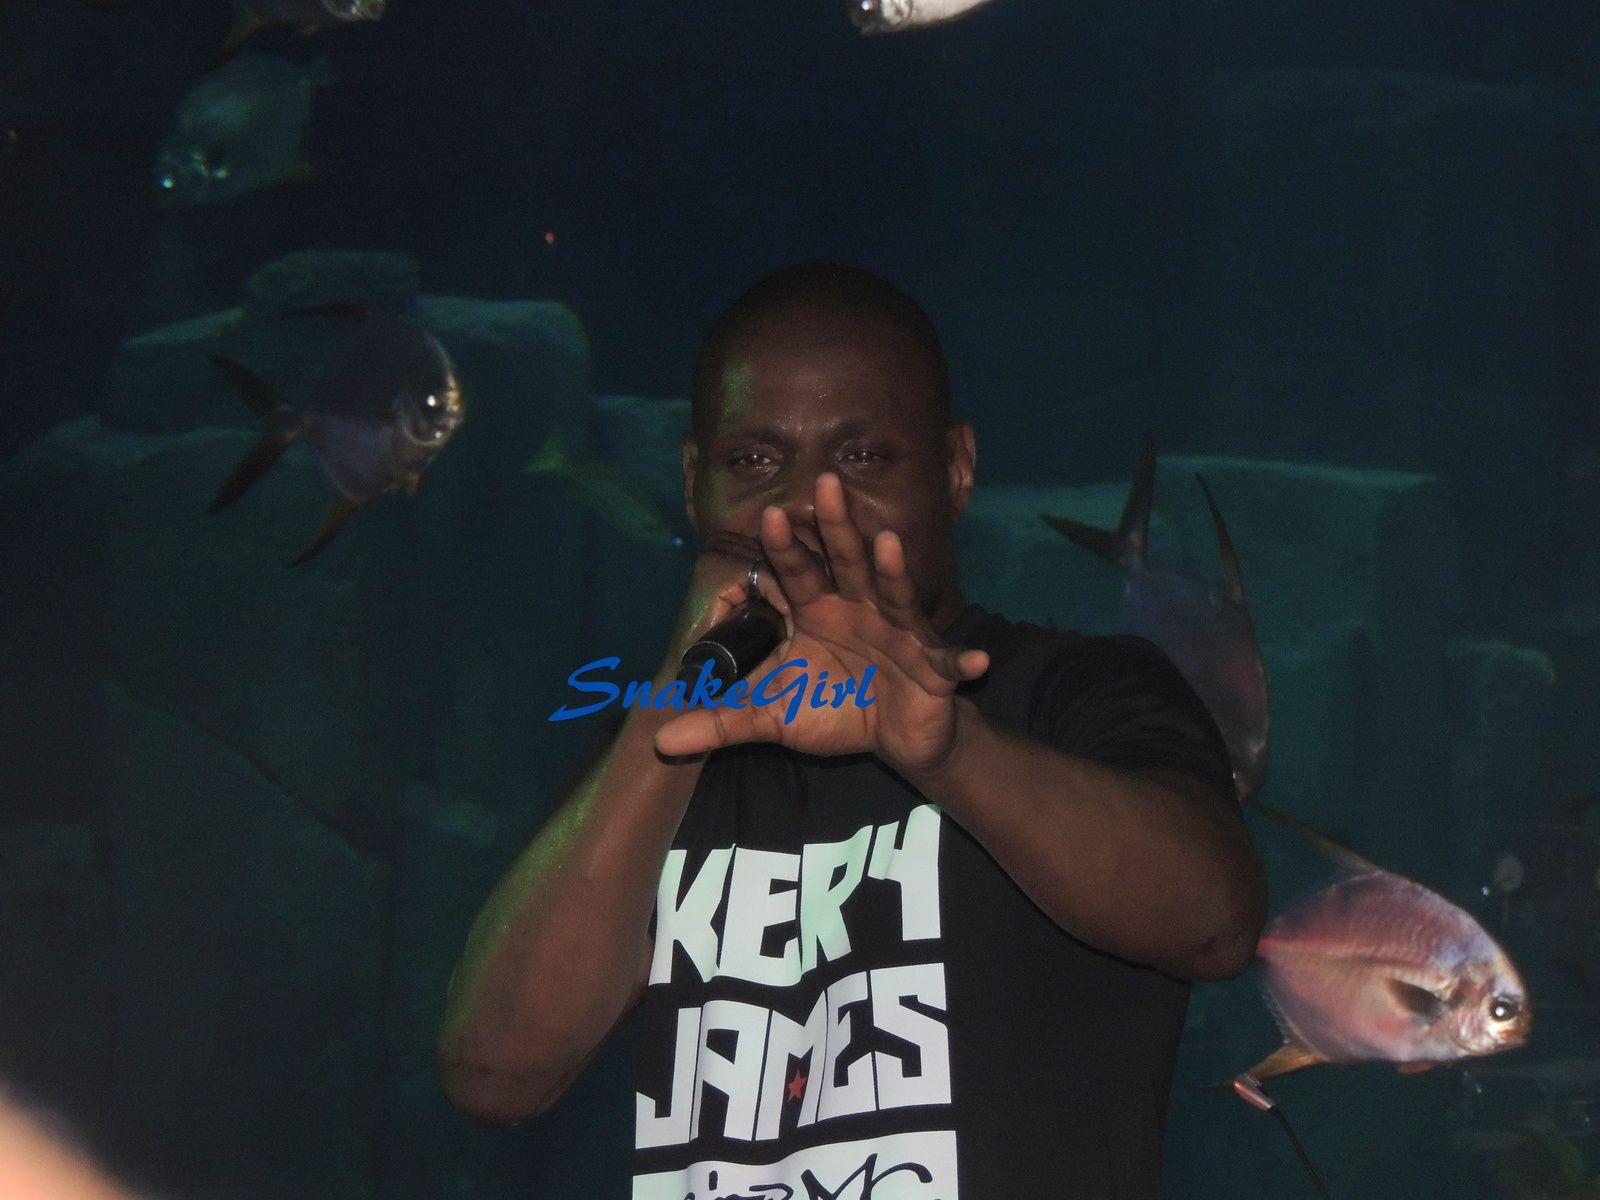 Concert VIP KERRY JAMES